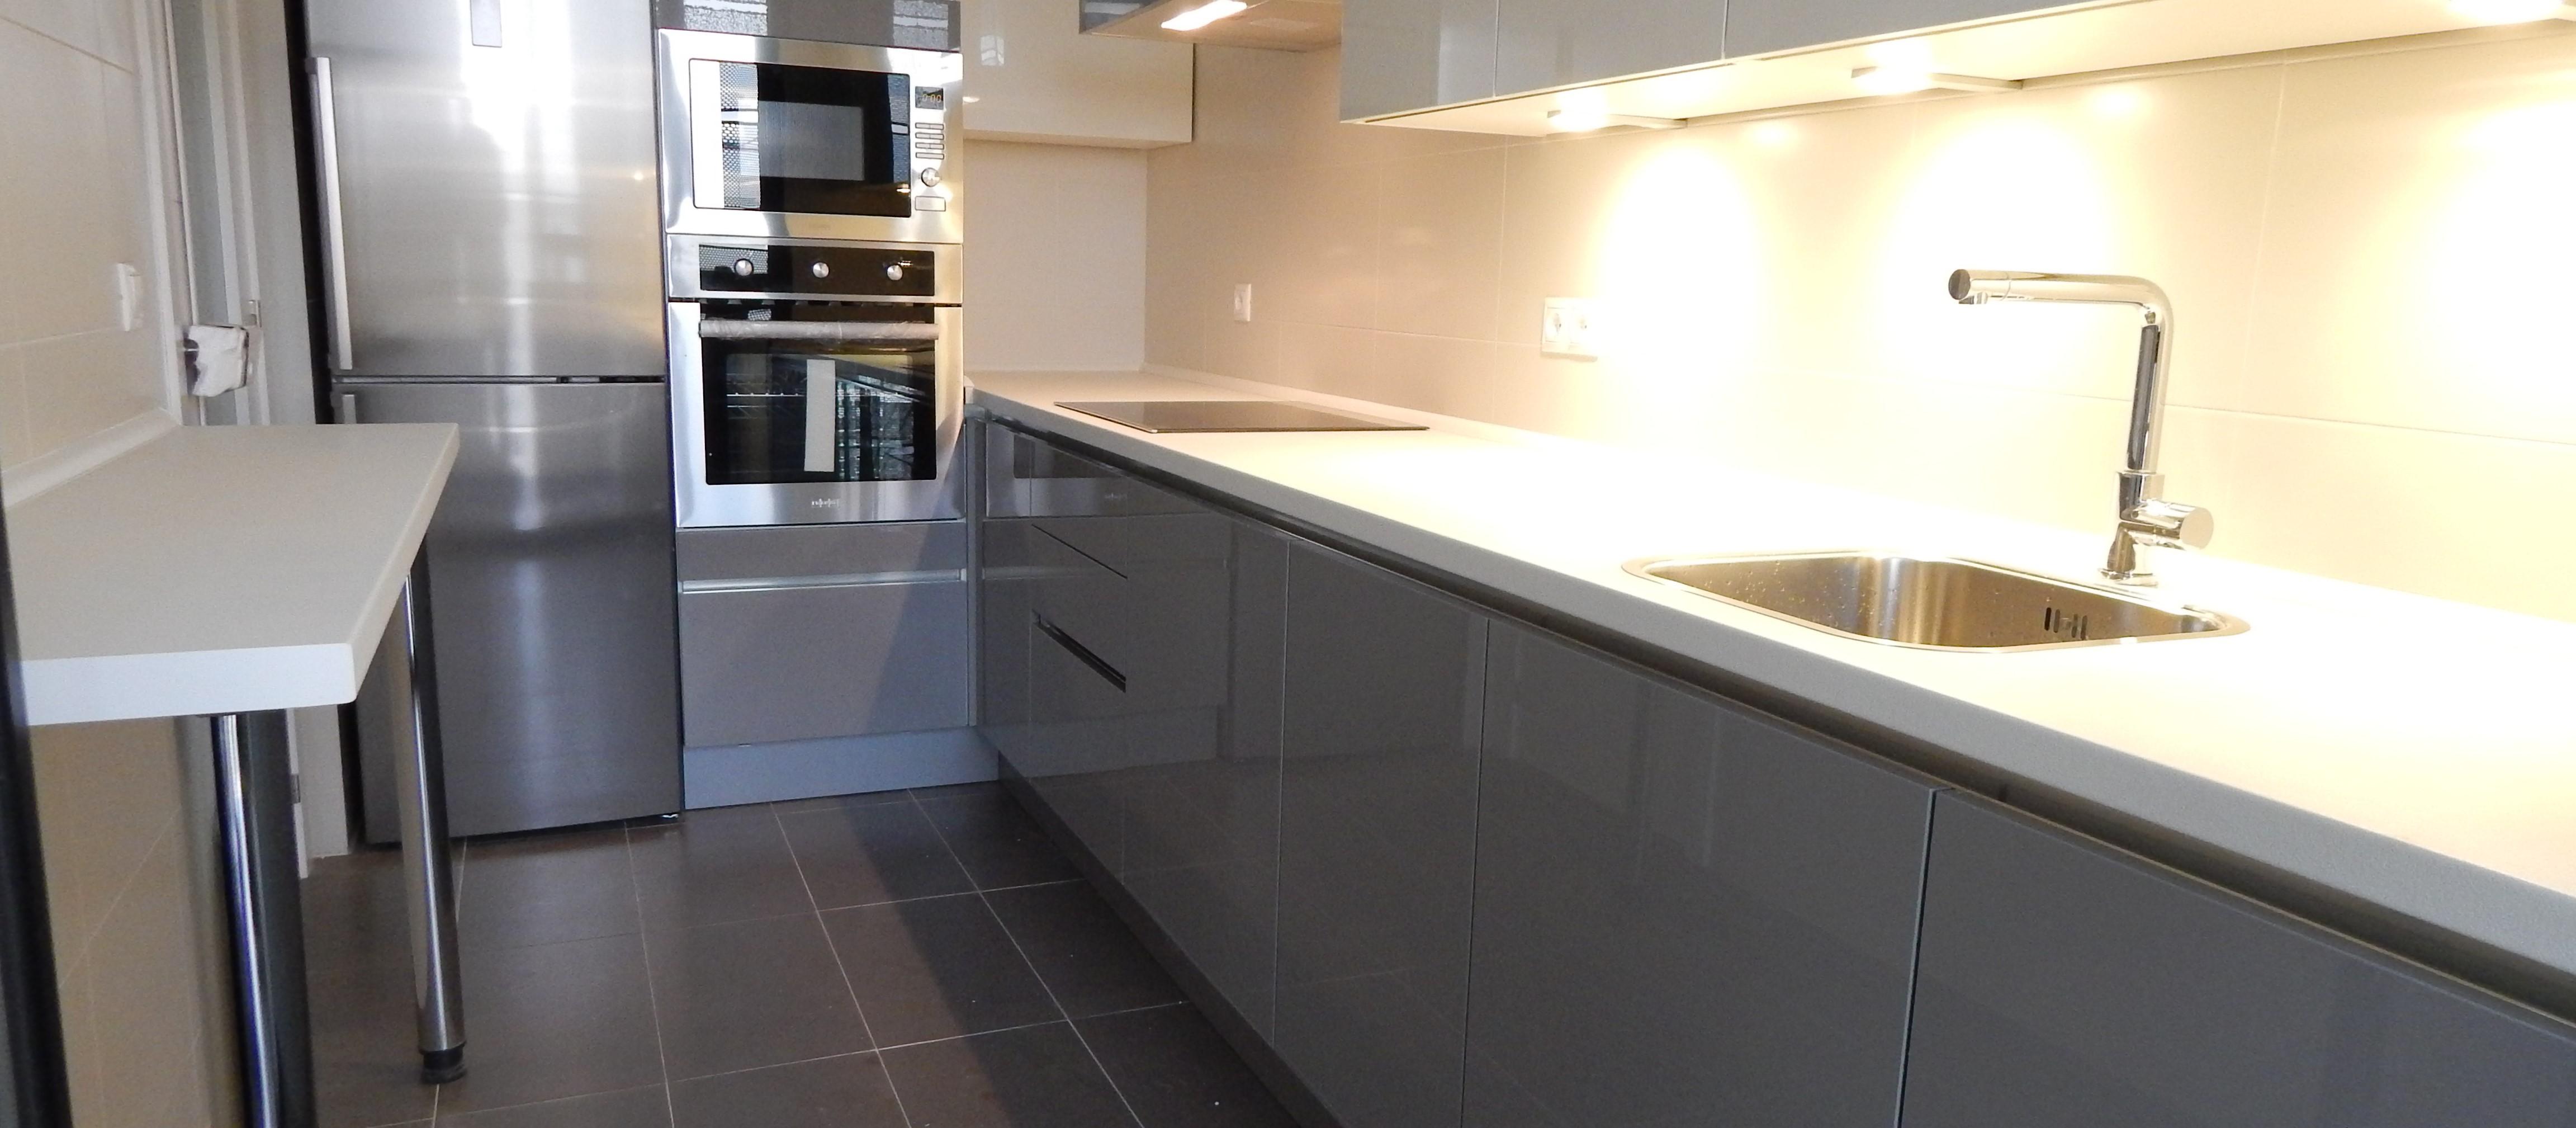 muebles de cocina gris perla sin tirador